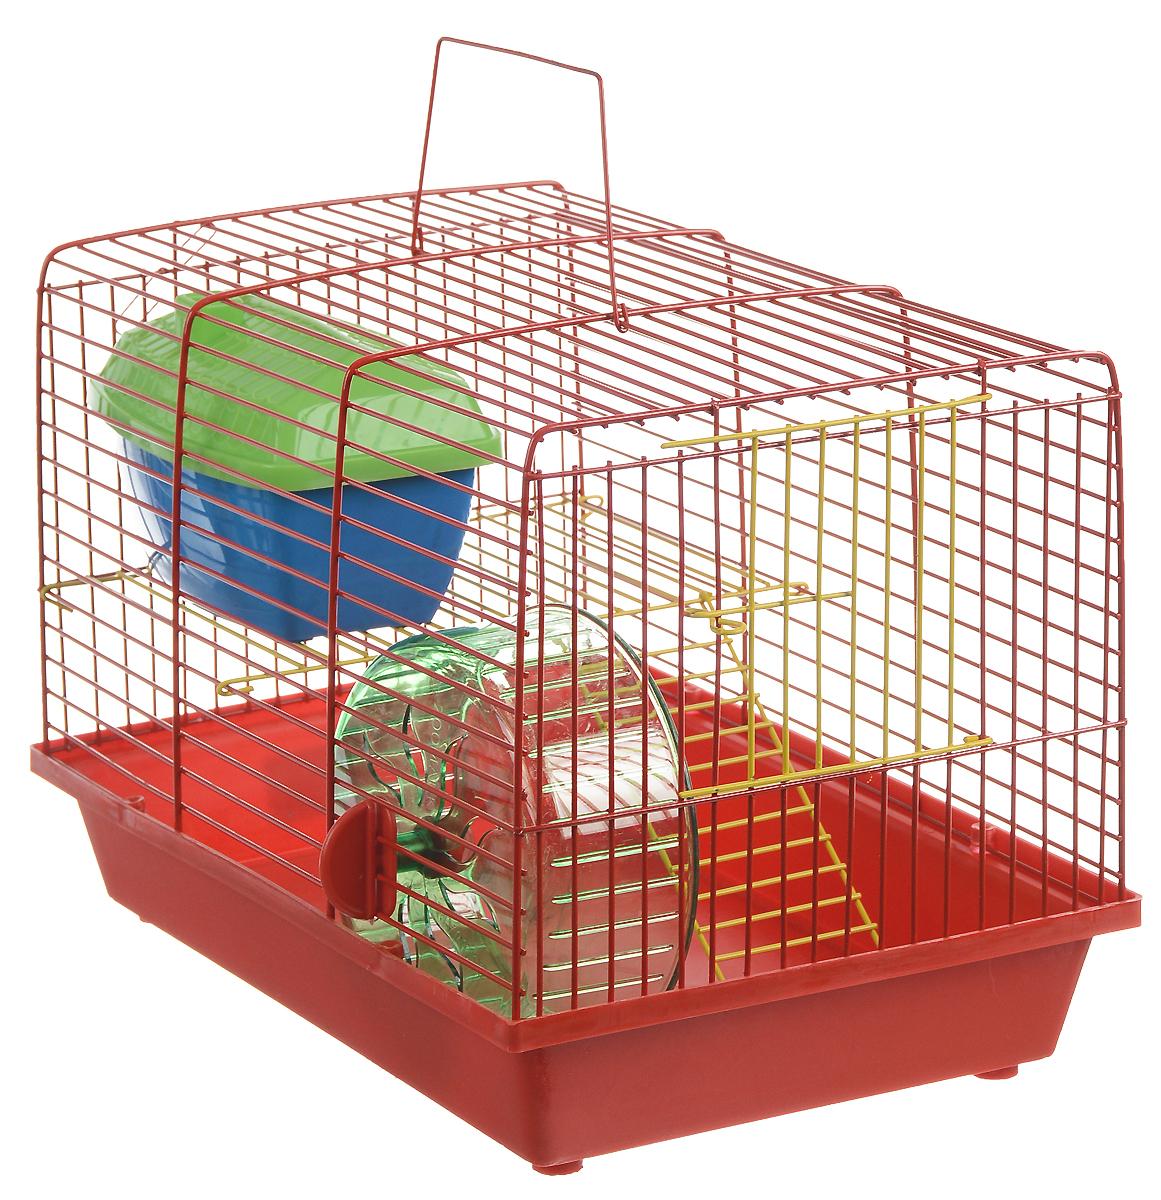 Клетка для грызунов ЗооМарк, 2-этажная, цвет: красный поддон, красная решетка, желтый этаж, 36 х 22 х 24 см. 125жК-7_желтыйКлетка ЗооМарк, выполненная из полипропилена и металла, подходит для мелких грызунов. Изделие двухэтажное, оборудовано колесом для подвижных игр и пластиковым домиком. Клетка имеет яркий поддон, удобна в использовании и легко чистится. Сверху имеется ручка для переноски. Такая клетка станет уединенным личным пространством и уютным домиком для маленького грызуна.